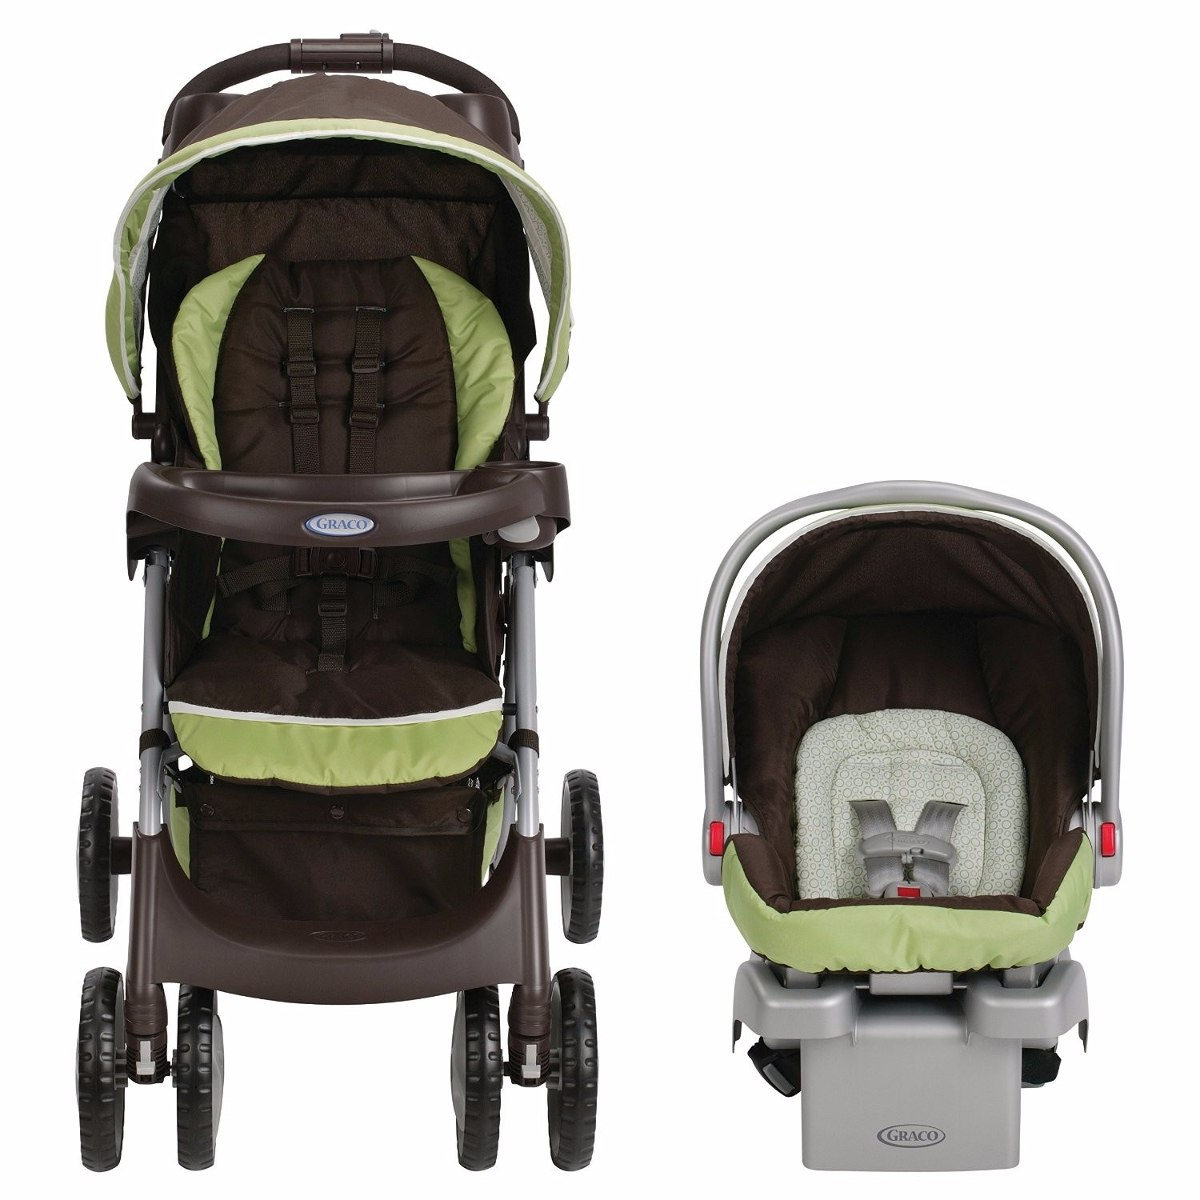 Graco comfy cruiser go green coche silla carro porta - Silla bebe coche ...